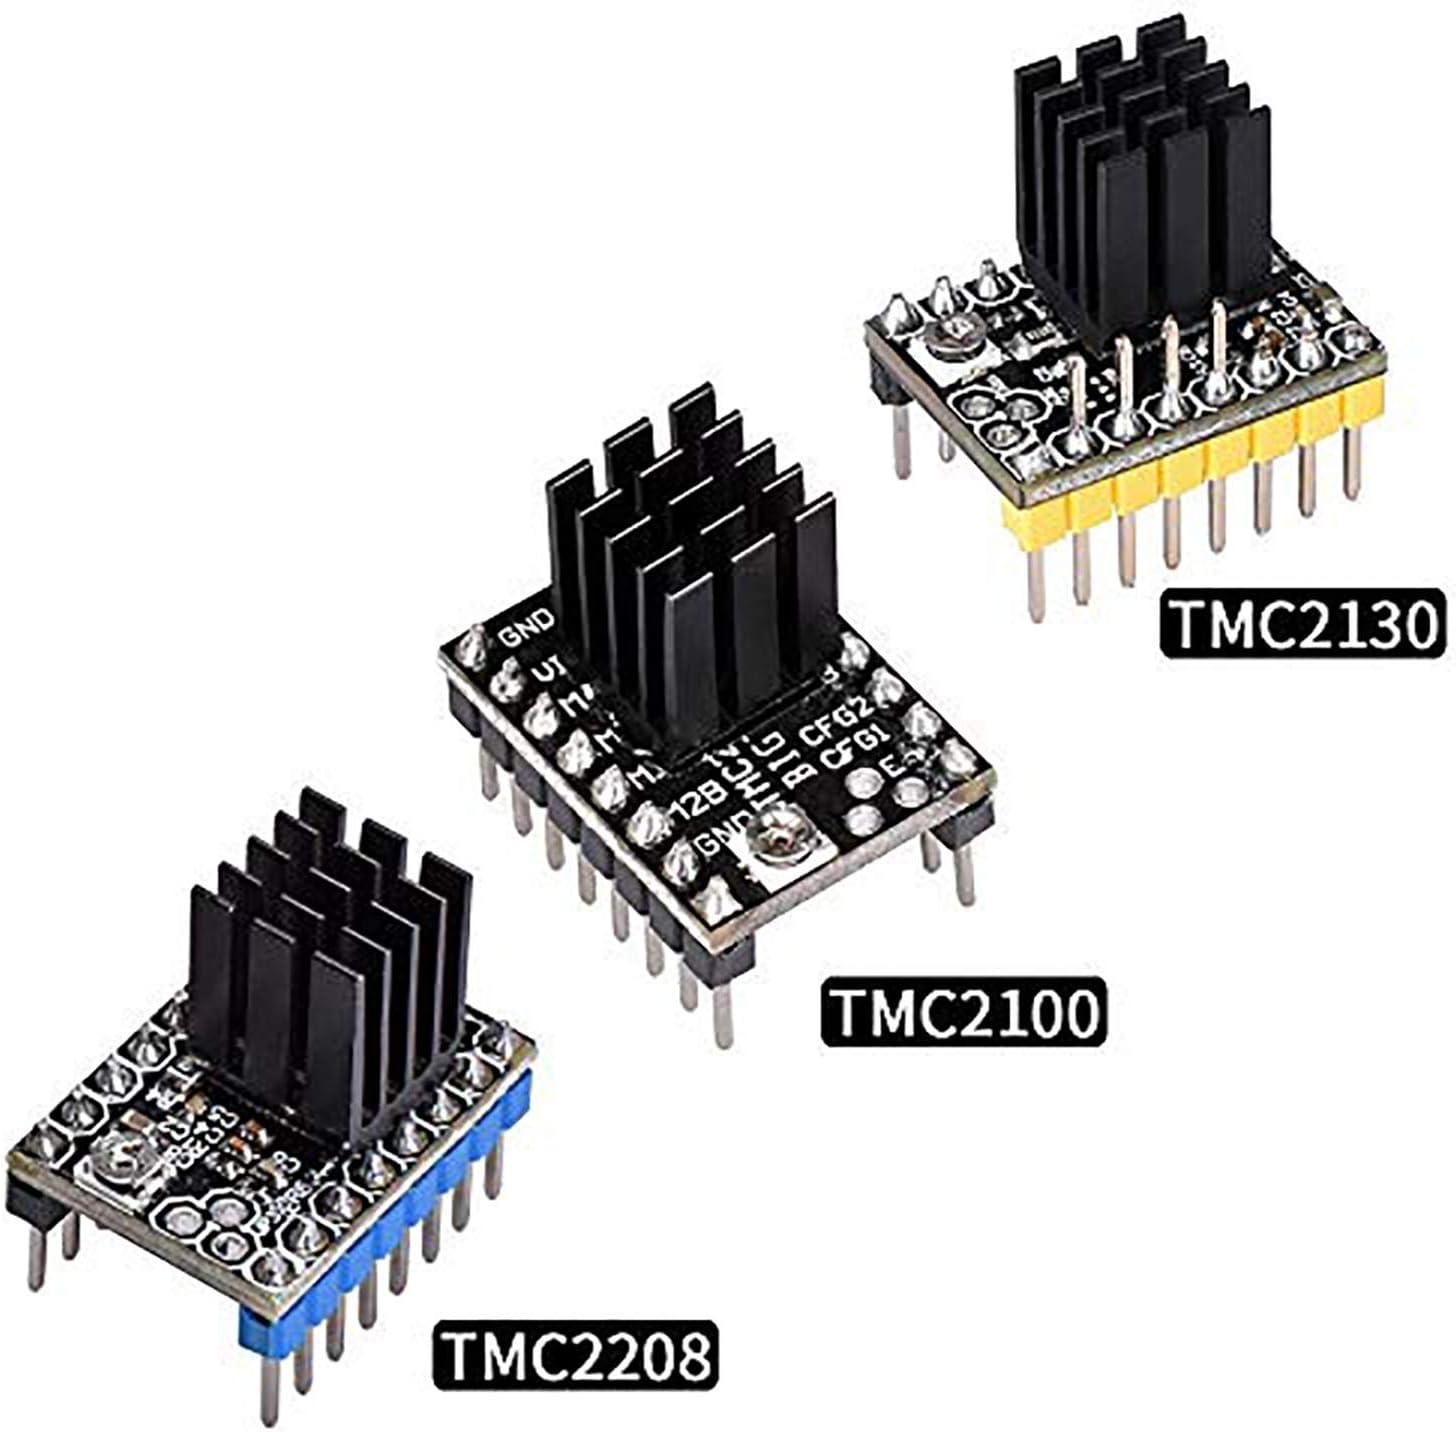 Amazon.com: SW.LOVELY 3D Parts Tmc2130 Tmc2208 Tmc2100 para ...